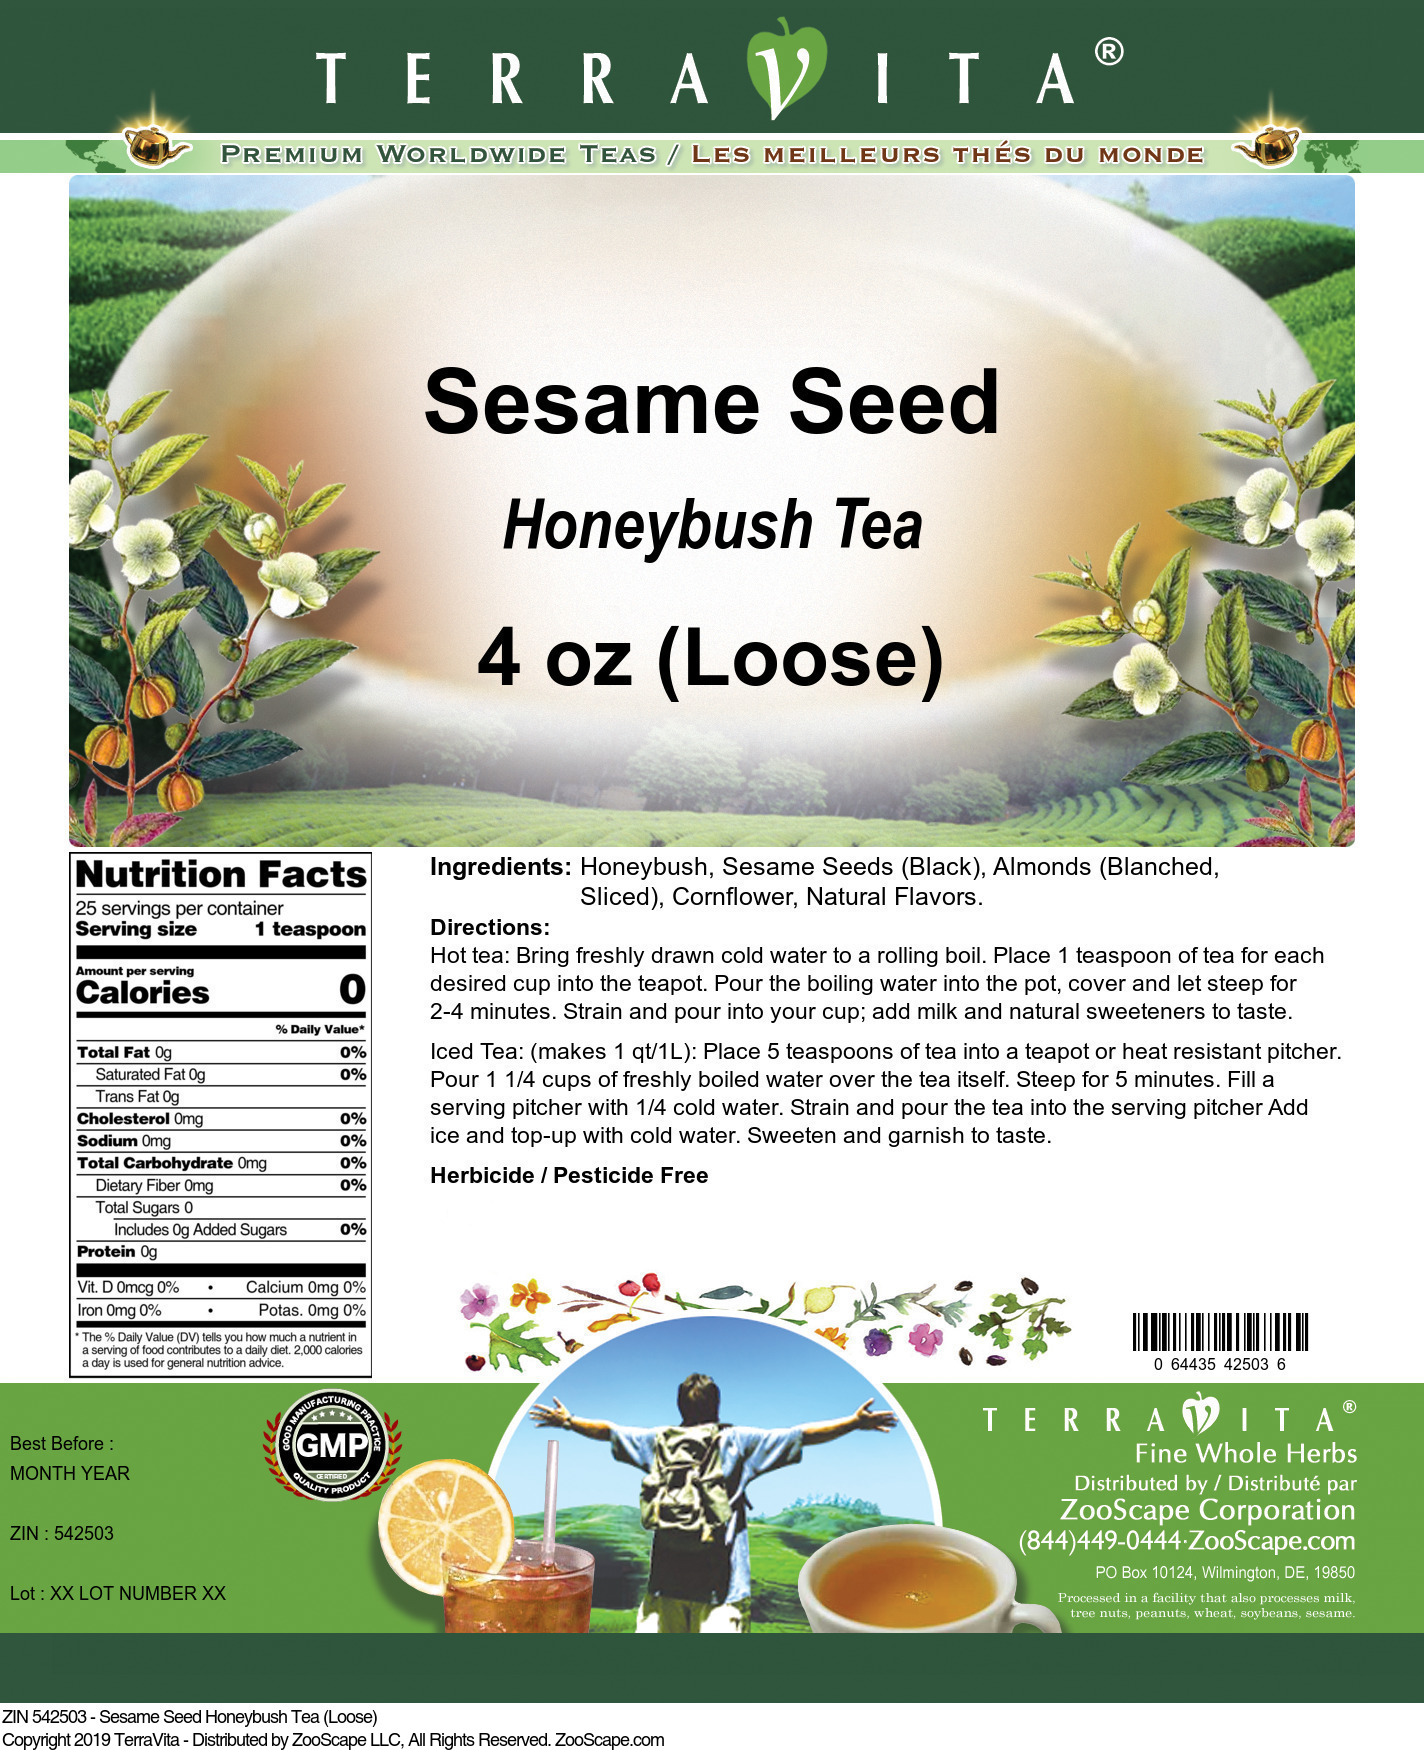 Sesame Seed Honeybush Tea (Loose)